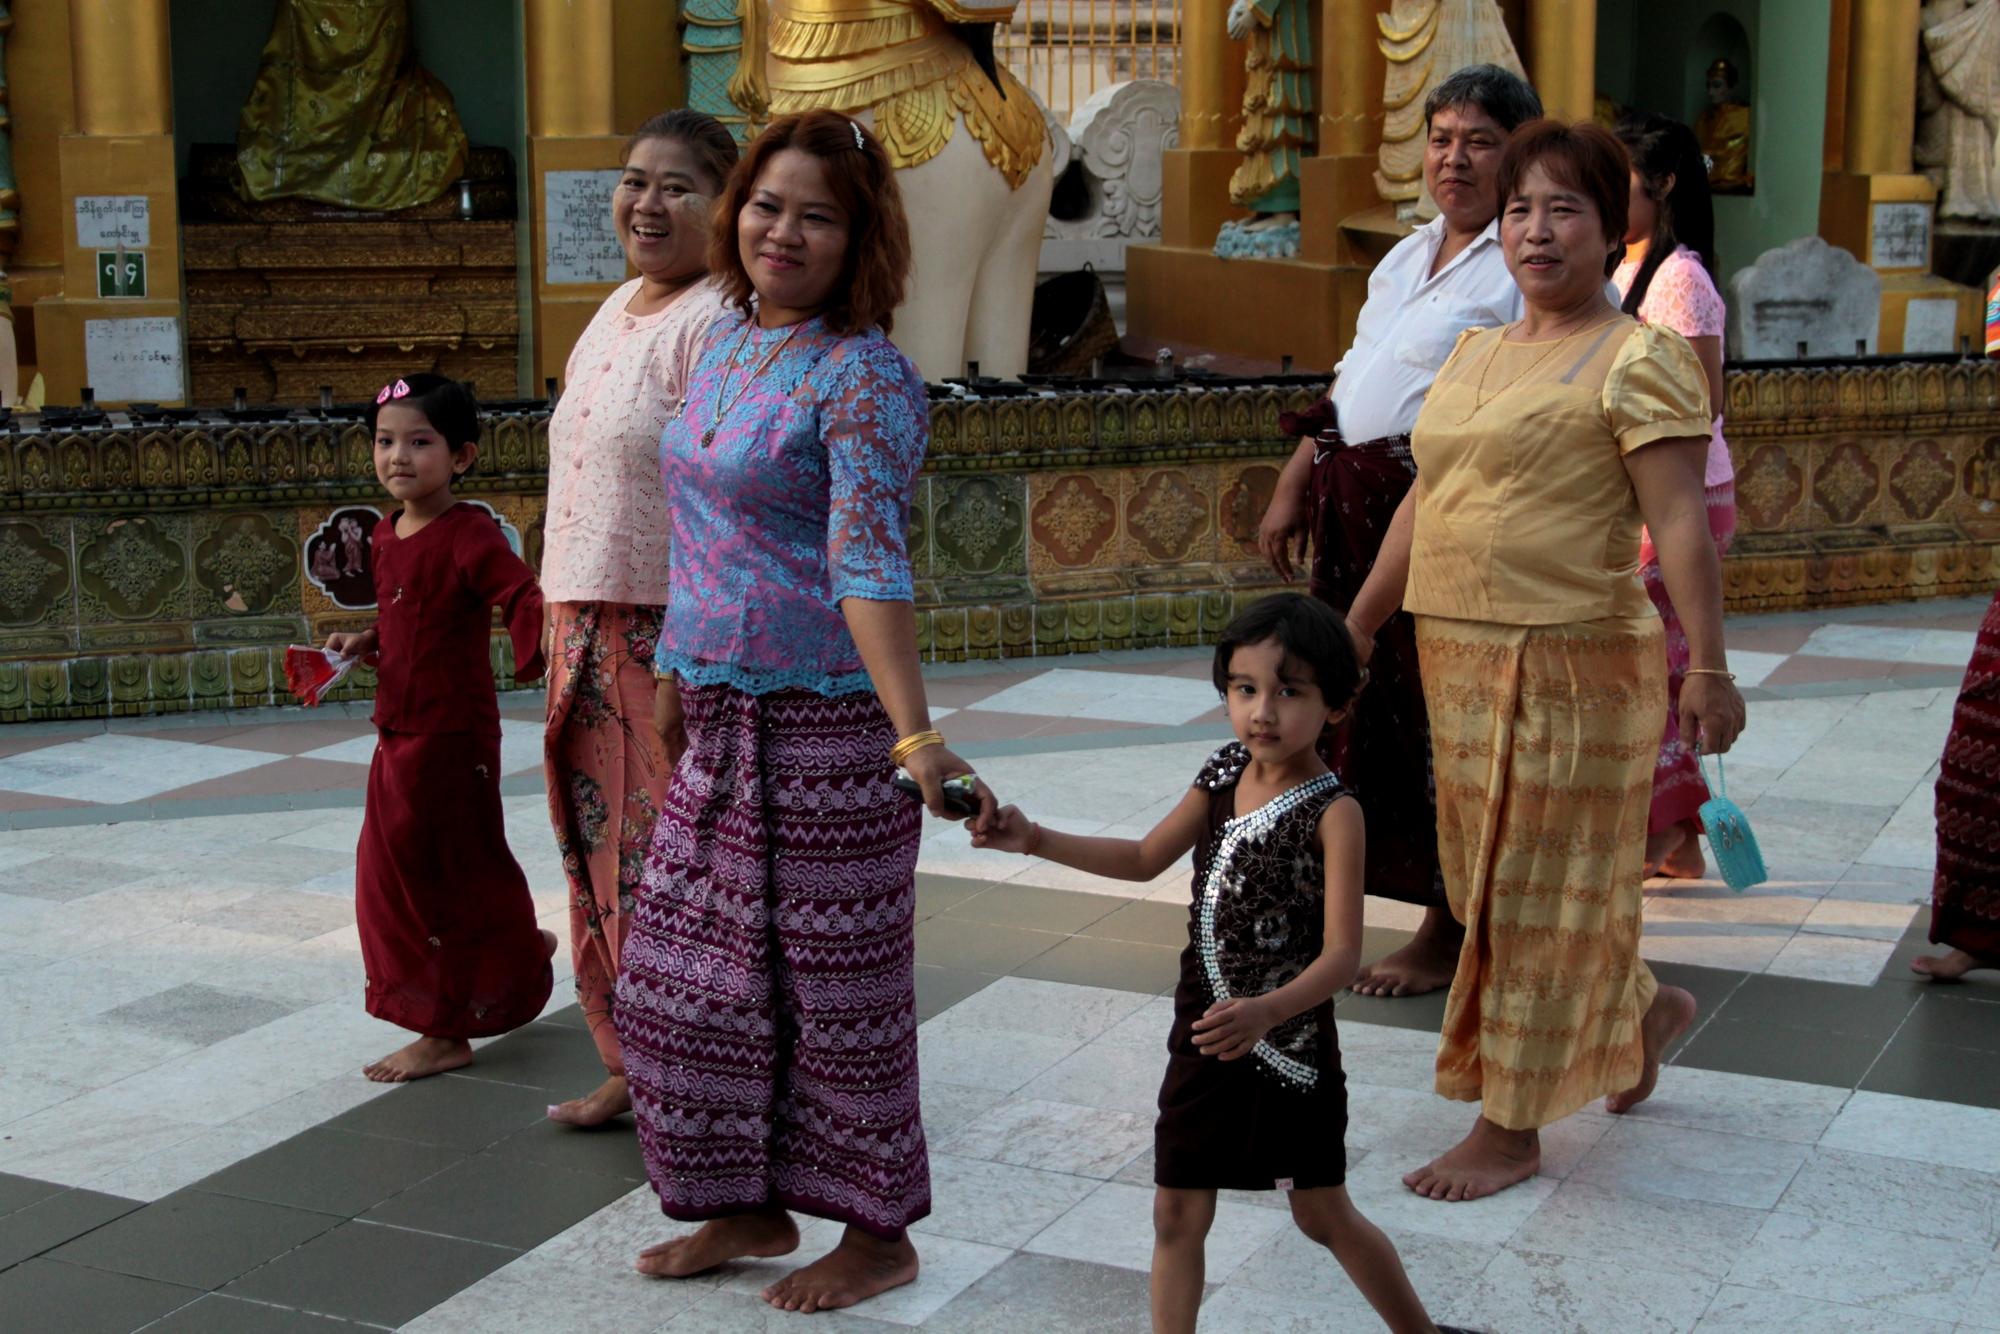 Burman pääuskonto on buddhalaisuus, ja moni paikallinen vierailee temppelillä viikottain.